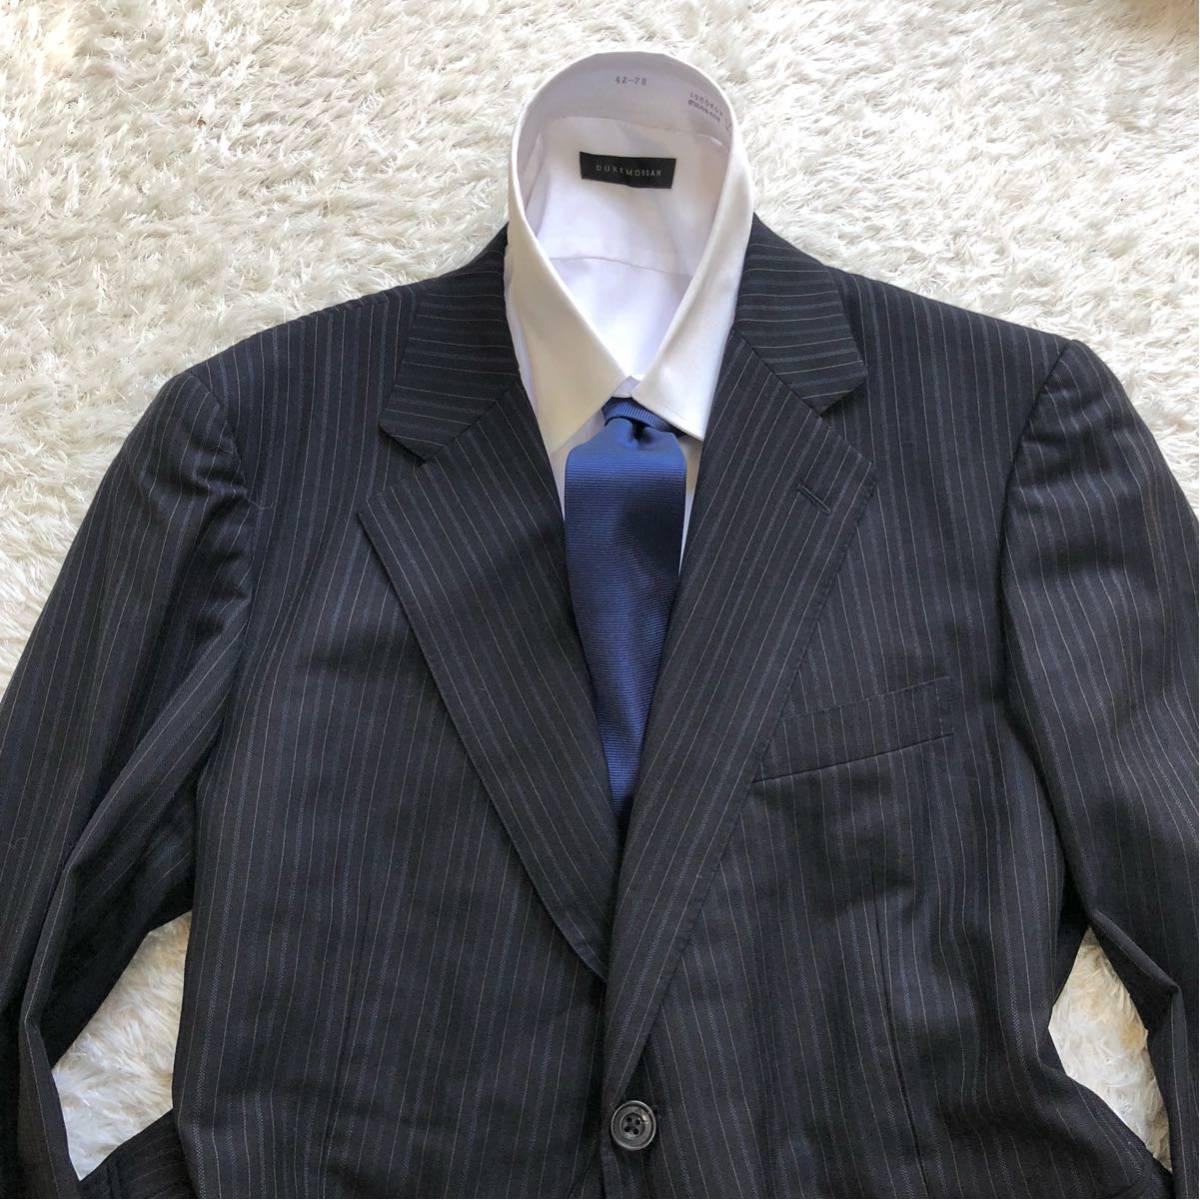 【英国感漂う1着】 アクアスキュータム 2B シングル スーツ 美品 M~Lサイズ相当_画像2